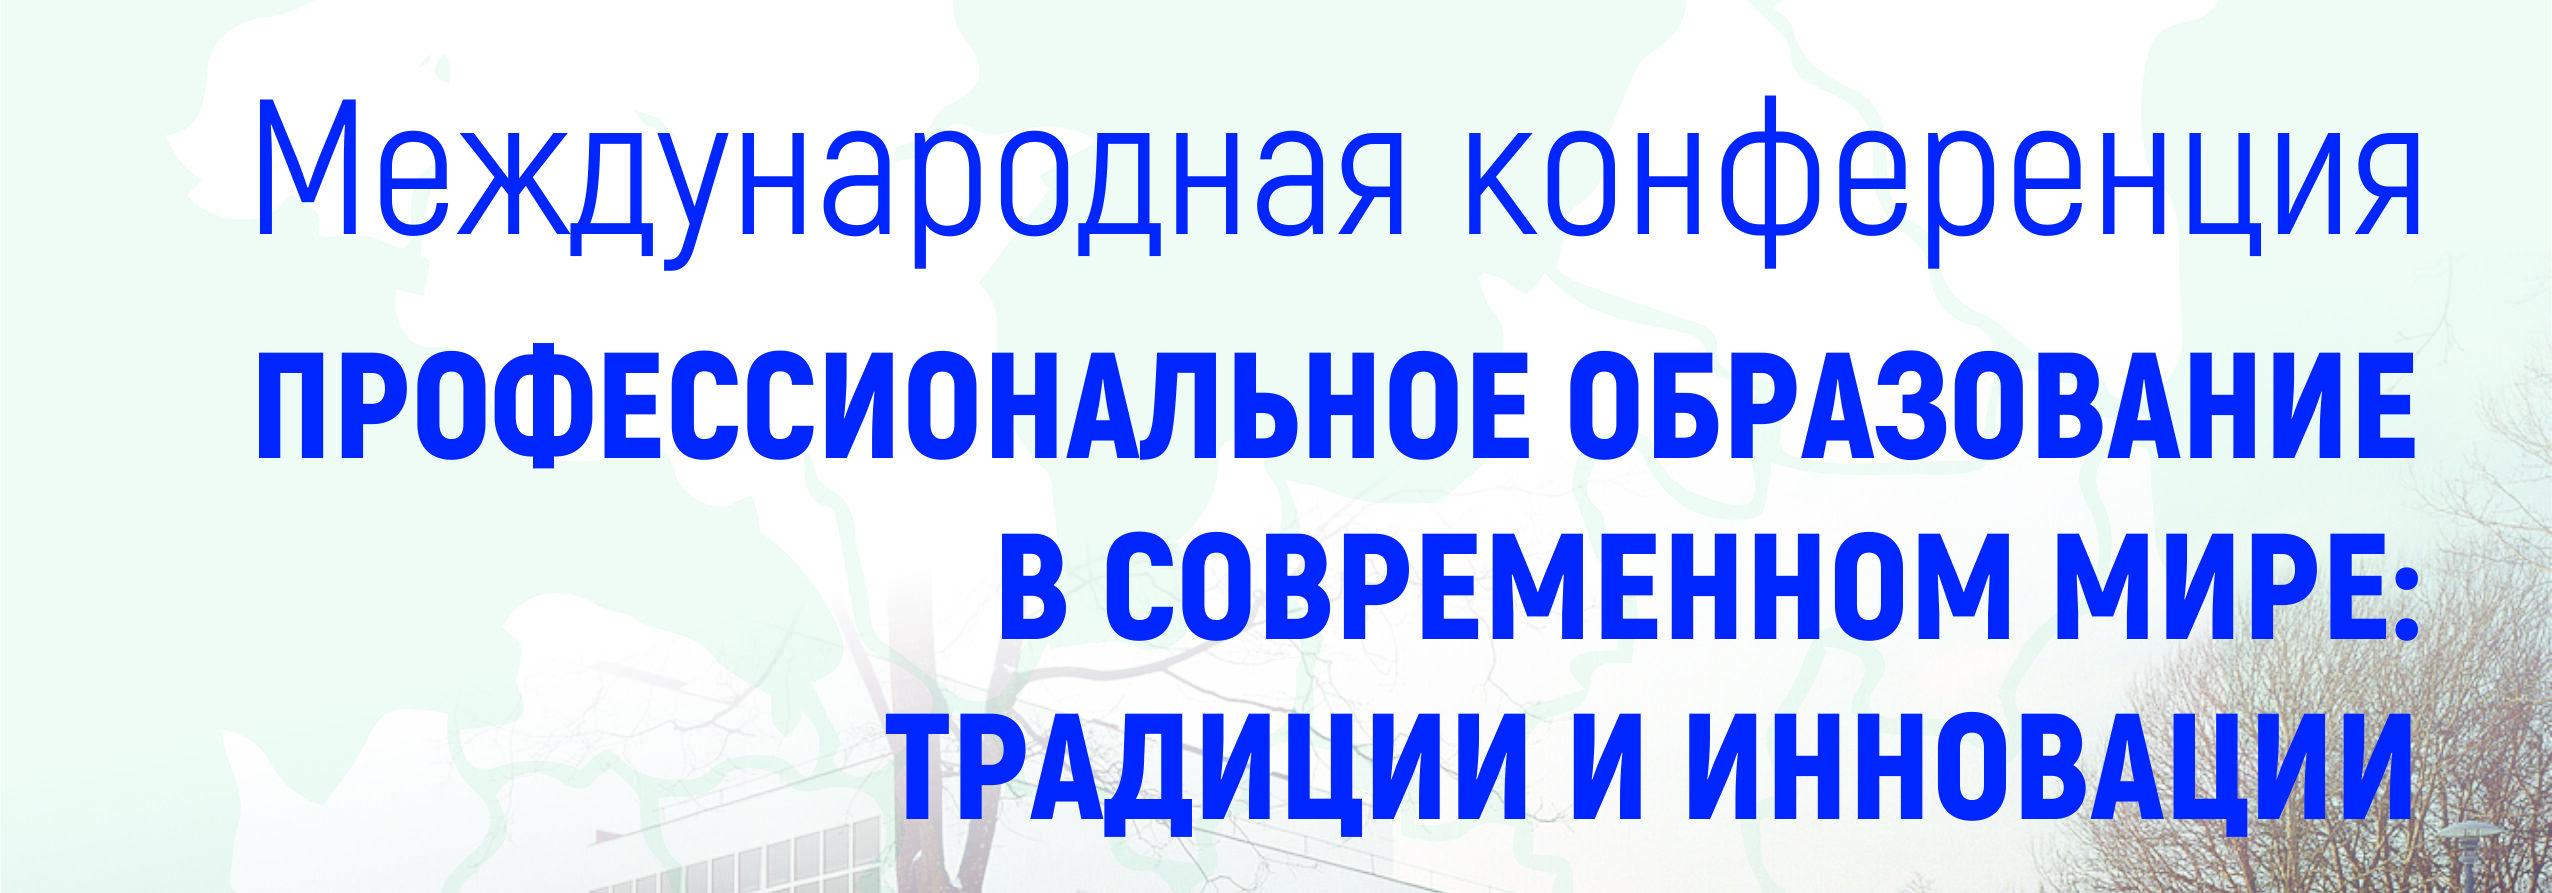 Международная конференция Профессиональное образование в современном мире